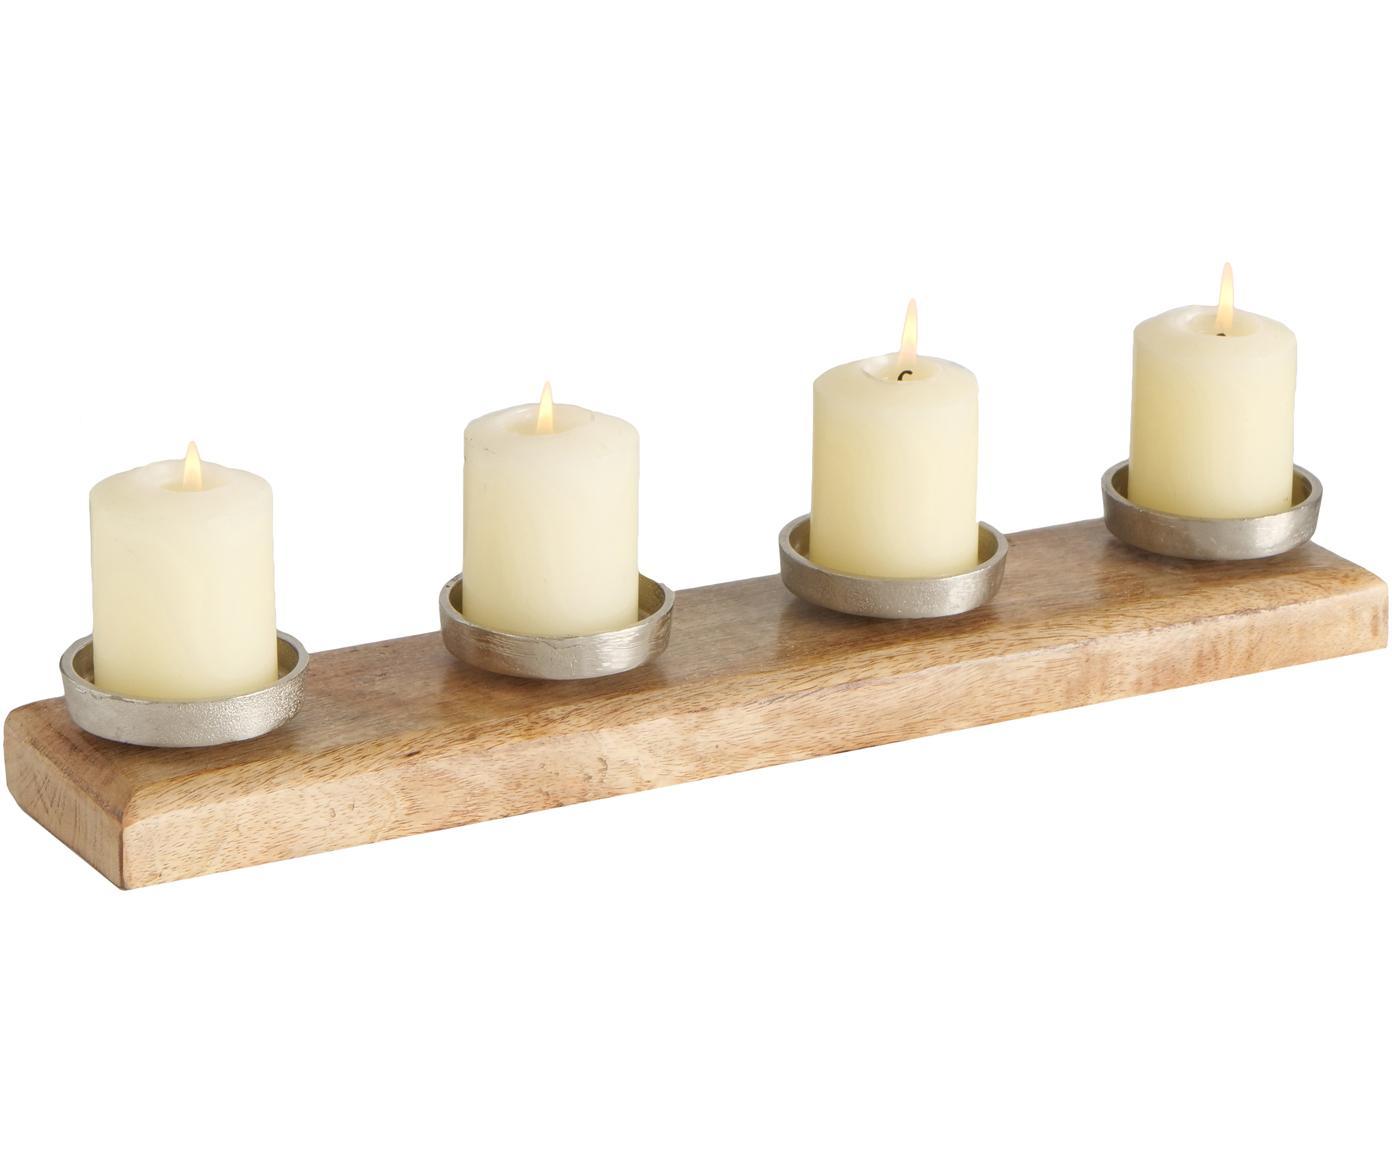 Świecznik Stiegler, Drewno mangowe, aluminium, niklowany, Drewno mangowe, nikiel, S 50 x W 6 cm